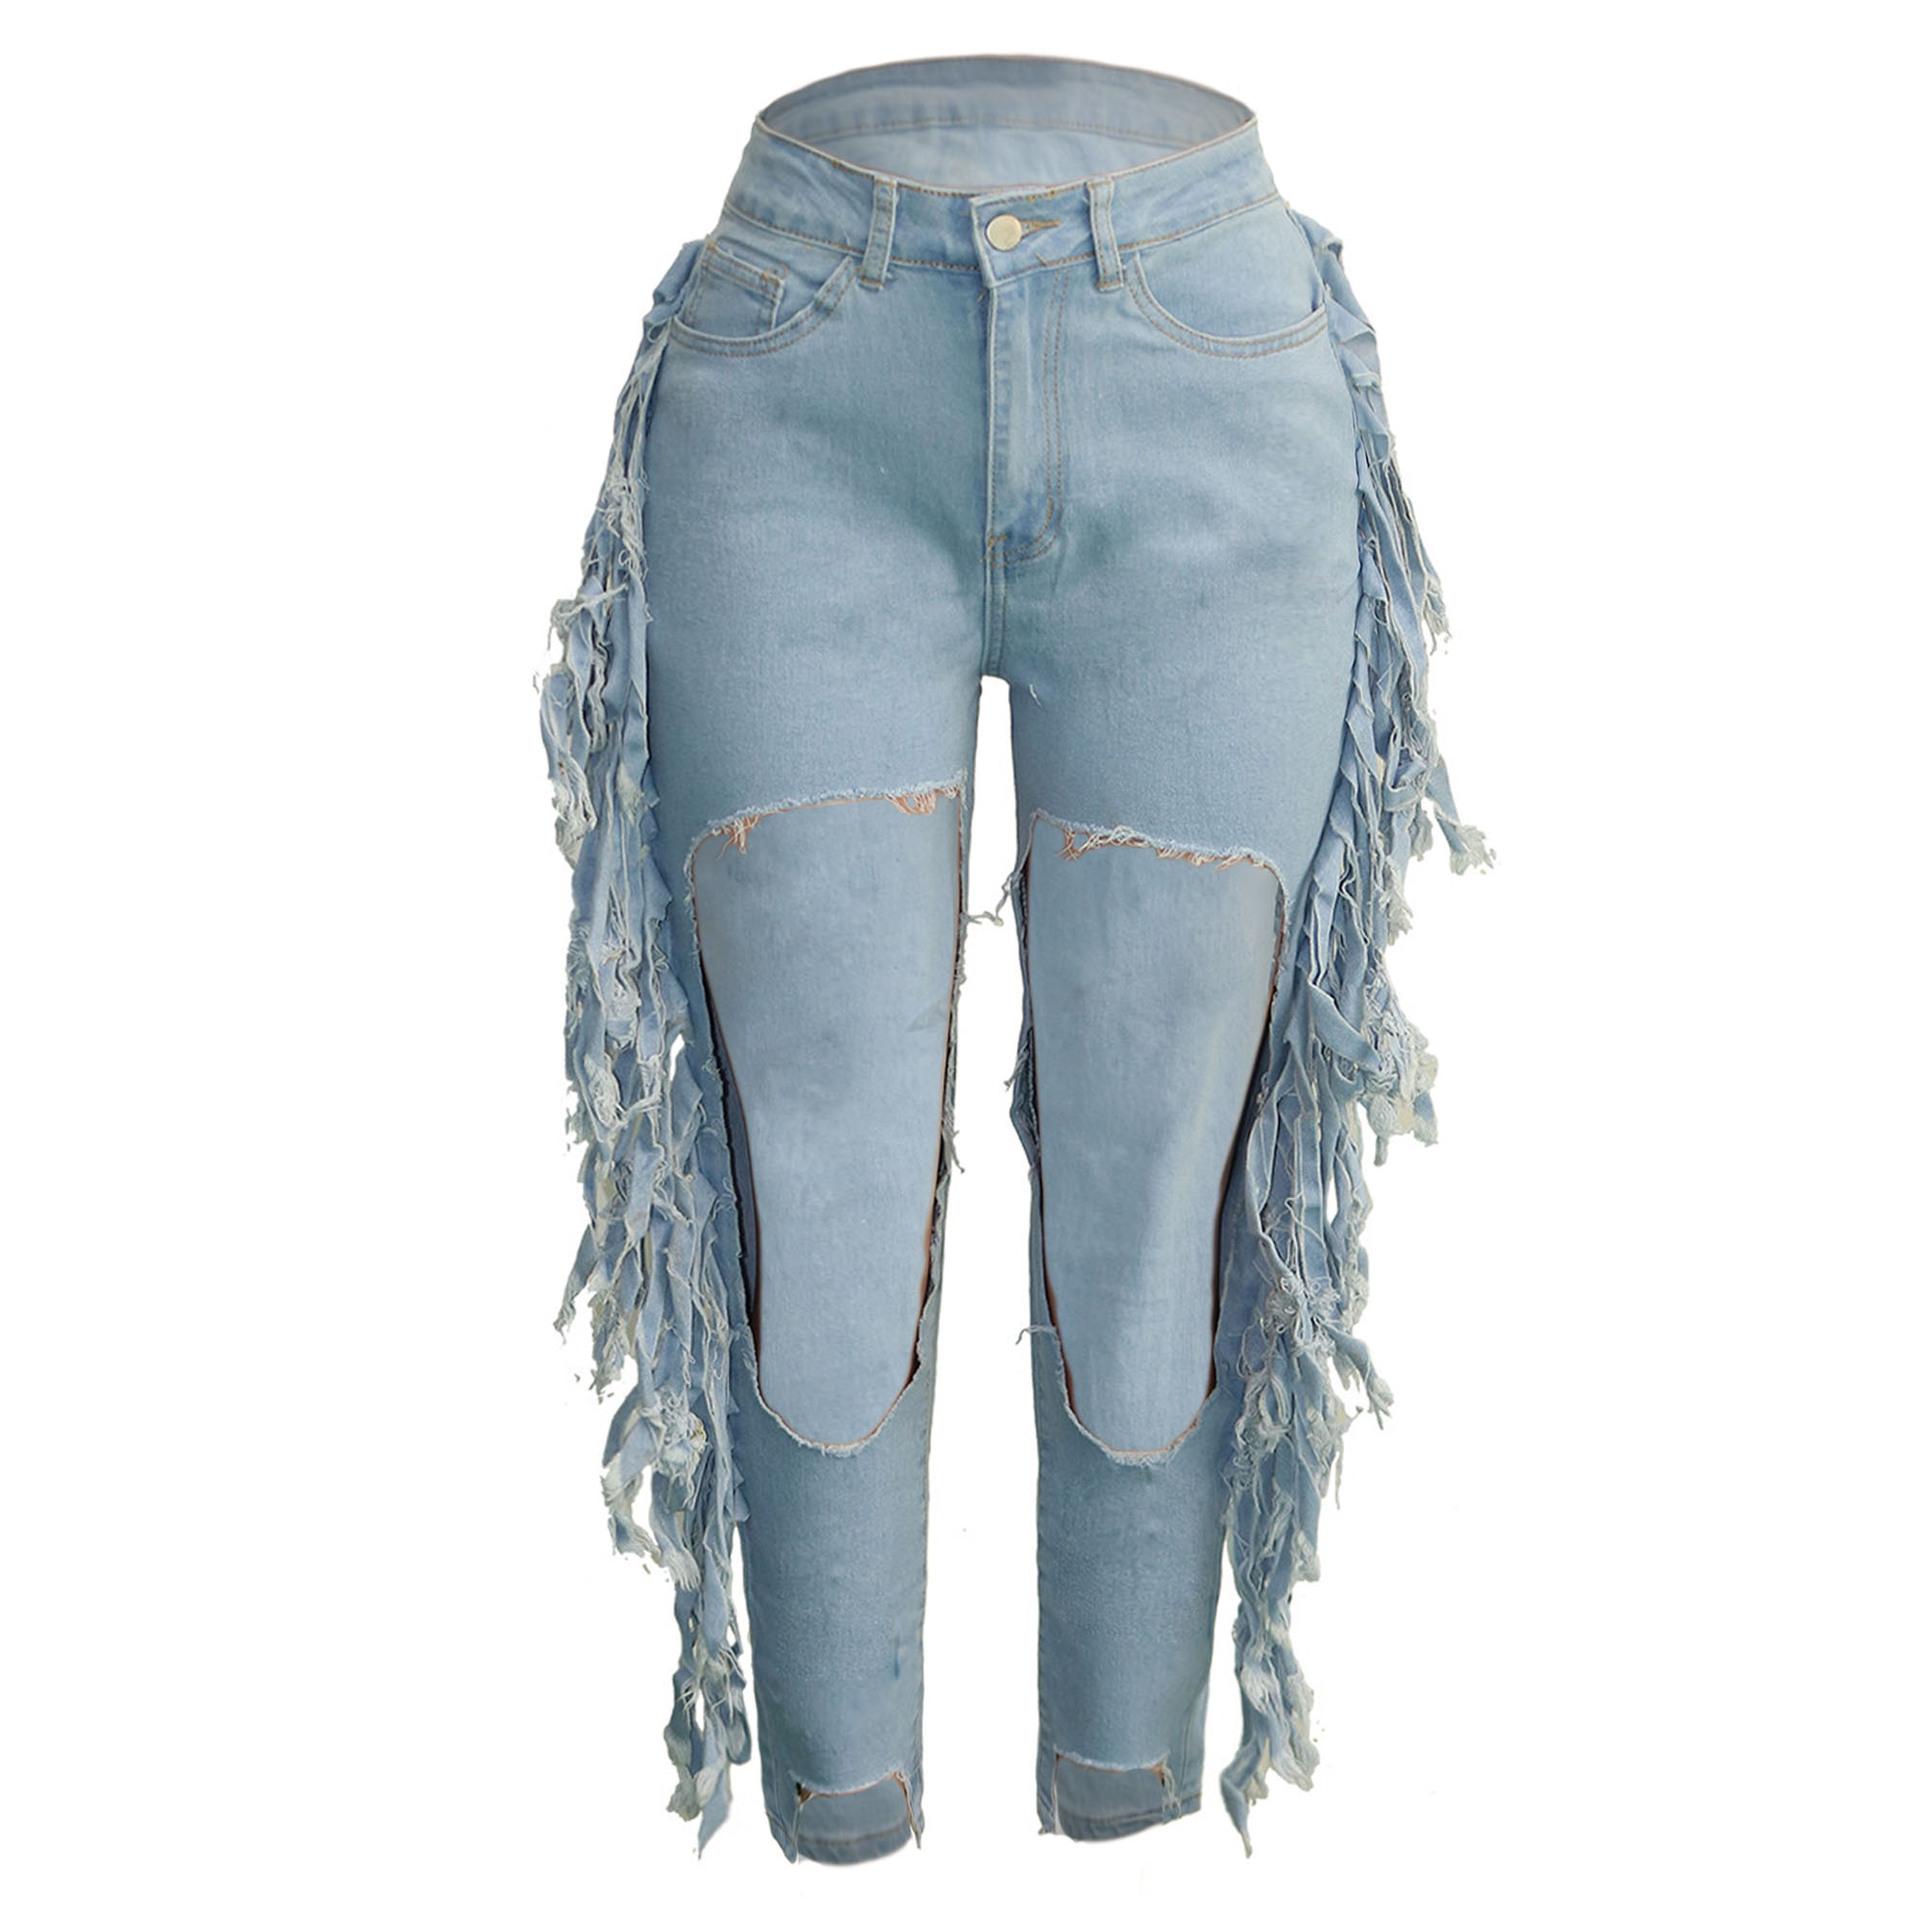 2021 Nueva Moda Nueva Llegada De Las Mujeres Pantalones Vaqueros De Mezclilla Pantalones S 3xl Cintura Alta A Los Pantalones Vaqueros De Las Mujeres Agujeros Borla Vaqueros Mujer Buy Pantalones Vaqueros Rasgados